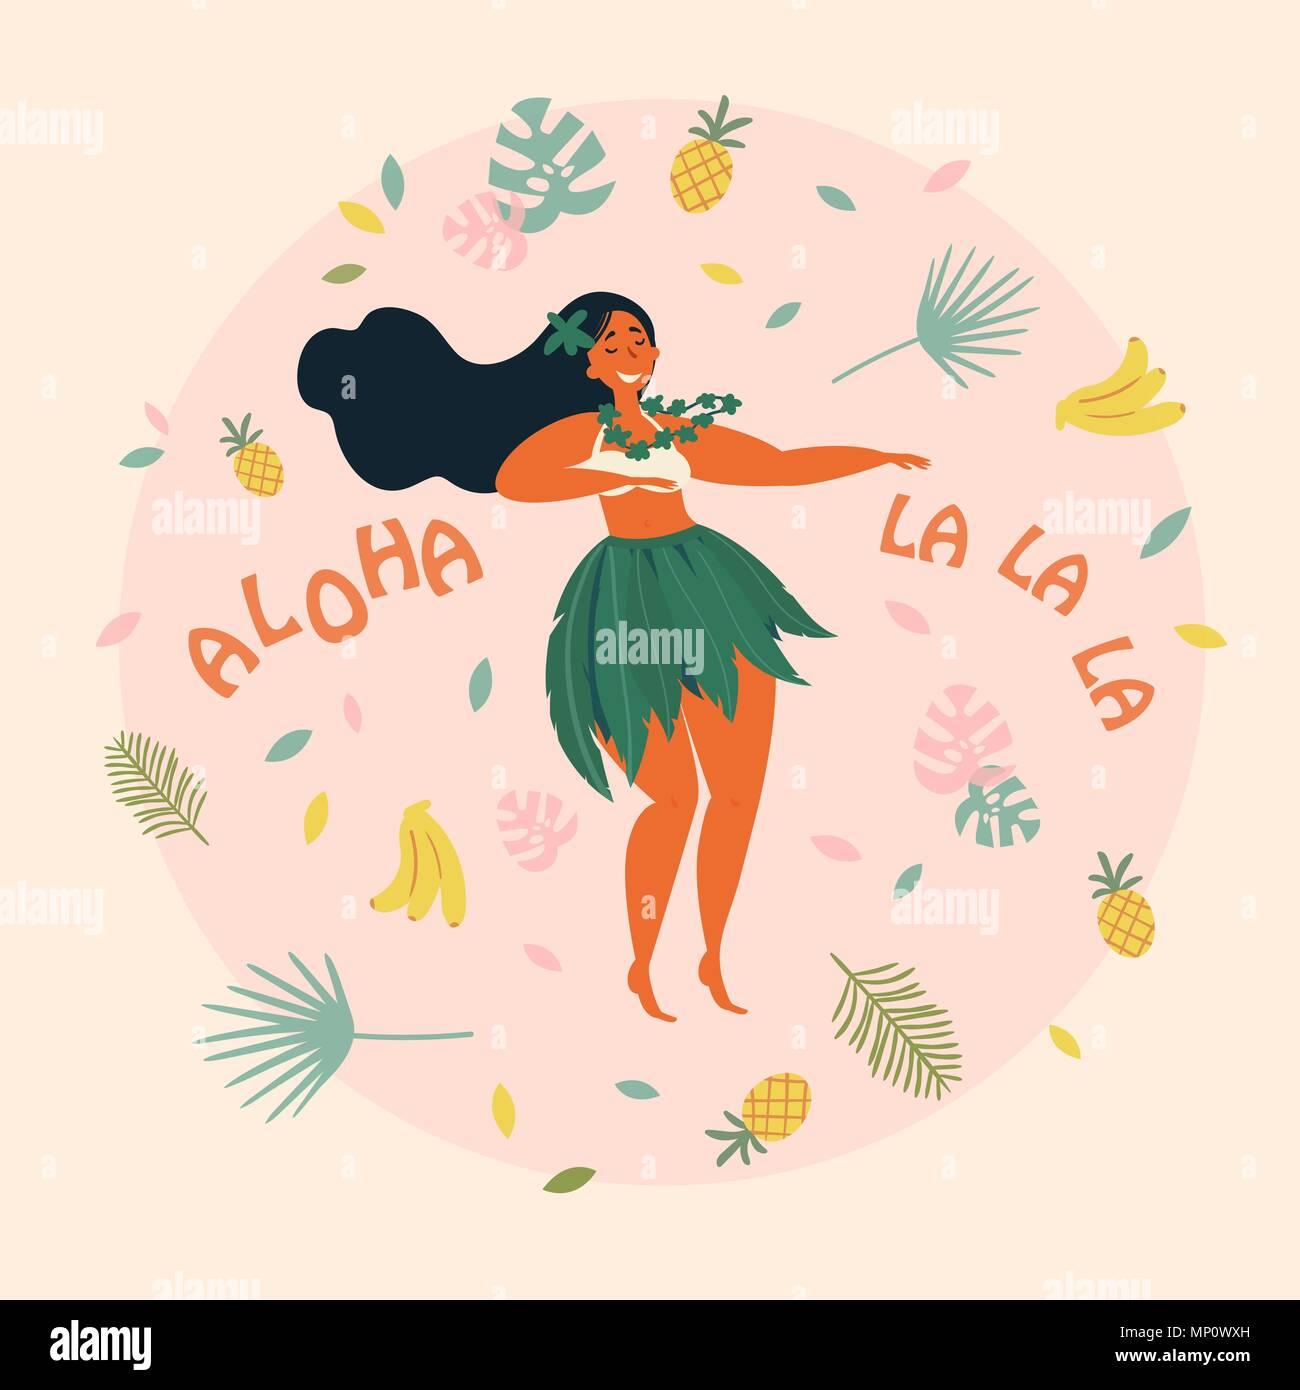 Coloriage De Danseuse De Hula.Danseuse De Hula Hawaiian Girl Illustration Luau Fest Vecteurs Et